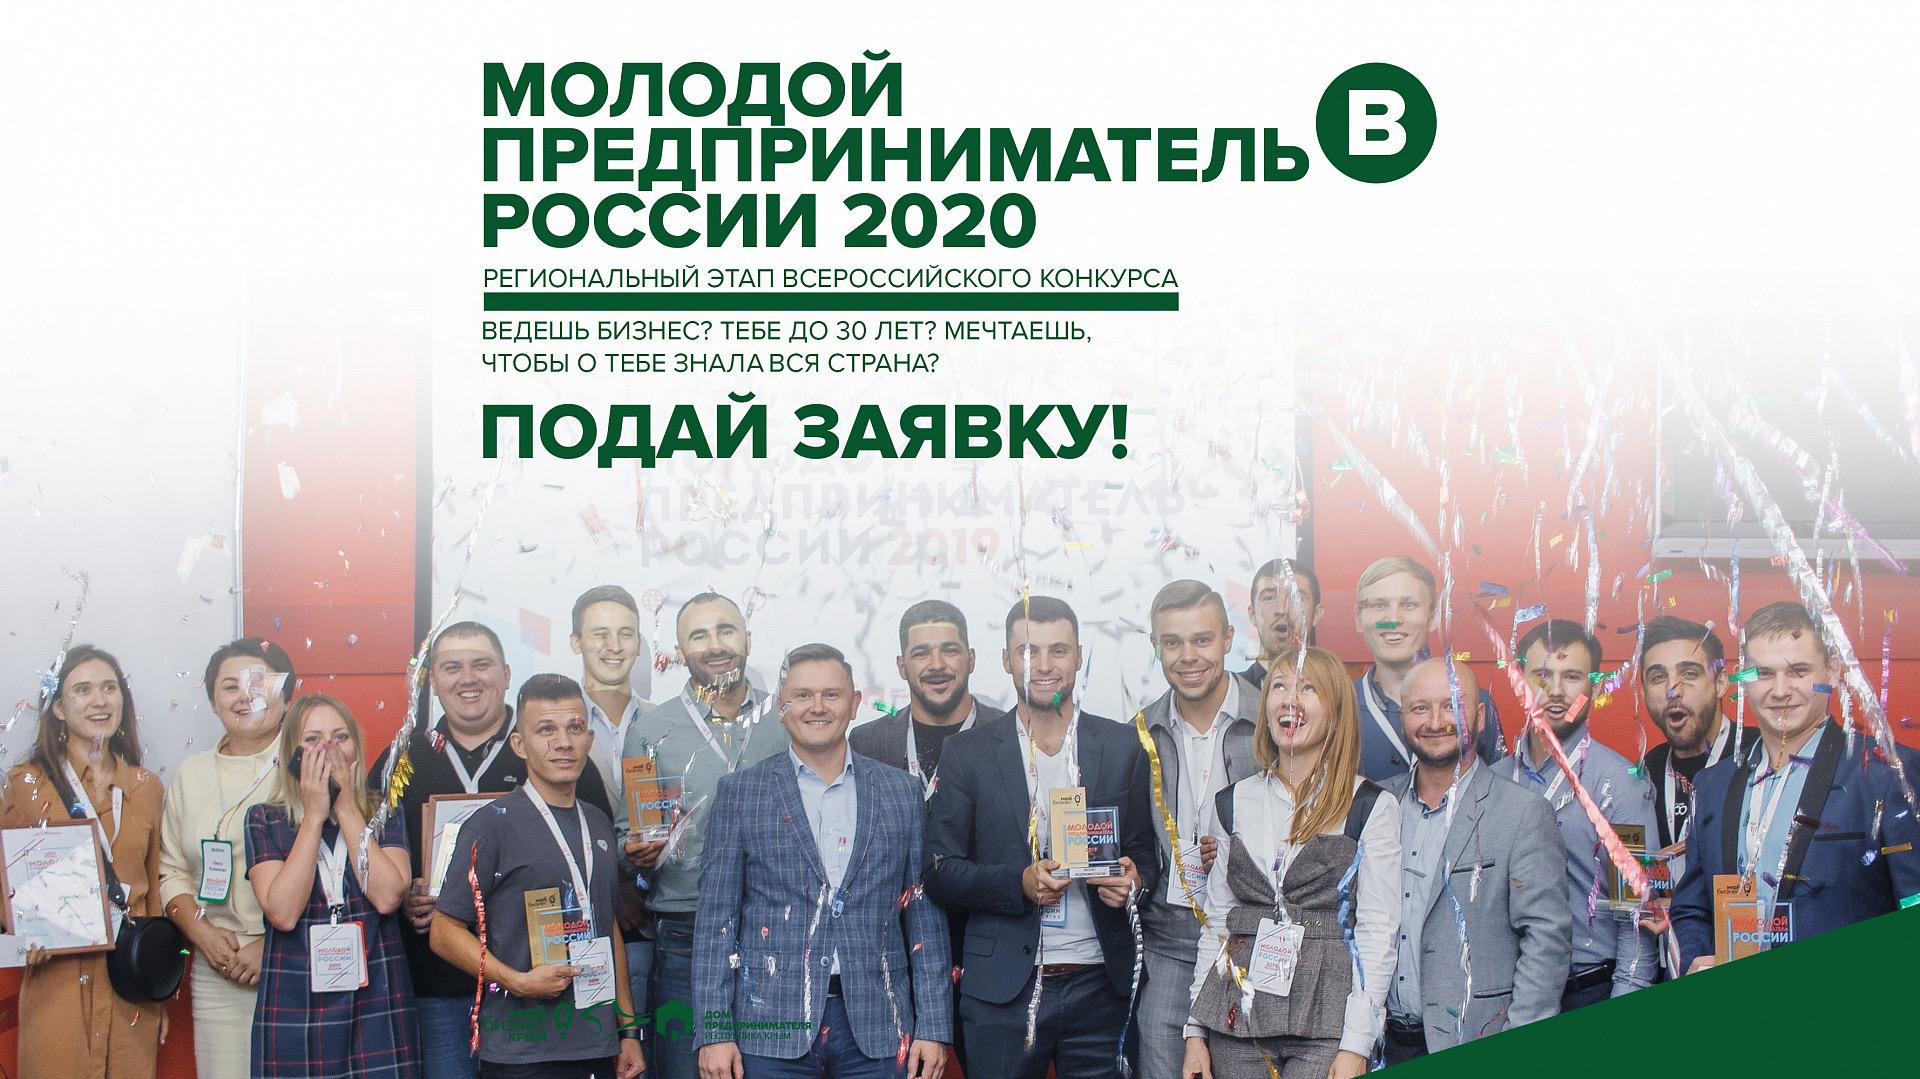 Успей подать заявку на конкурс «Молодой предприниматель России 2020»❗